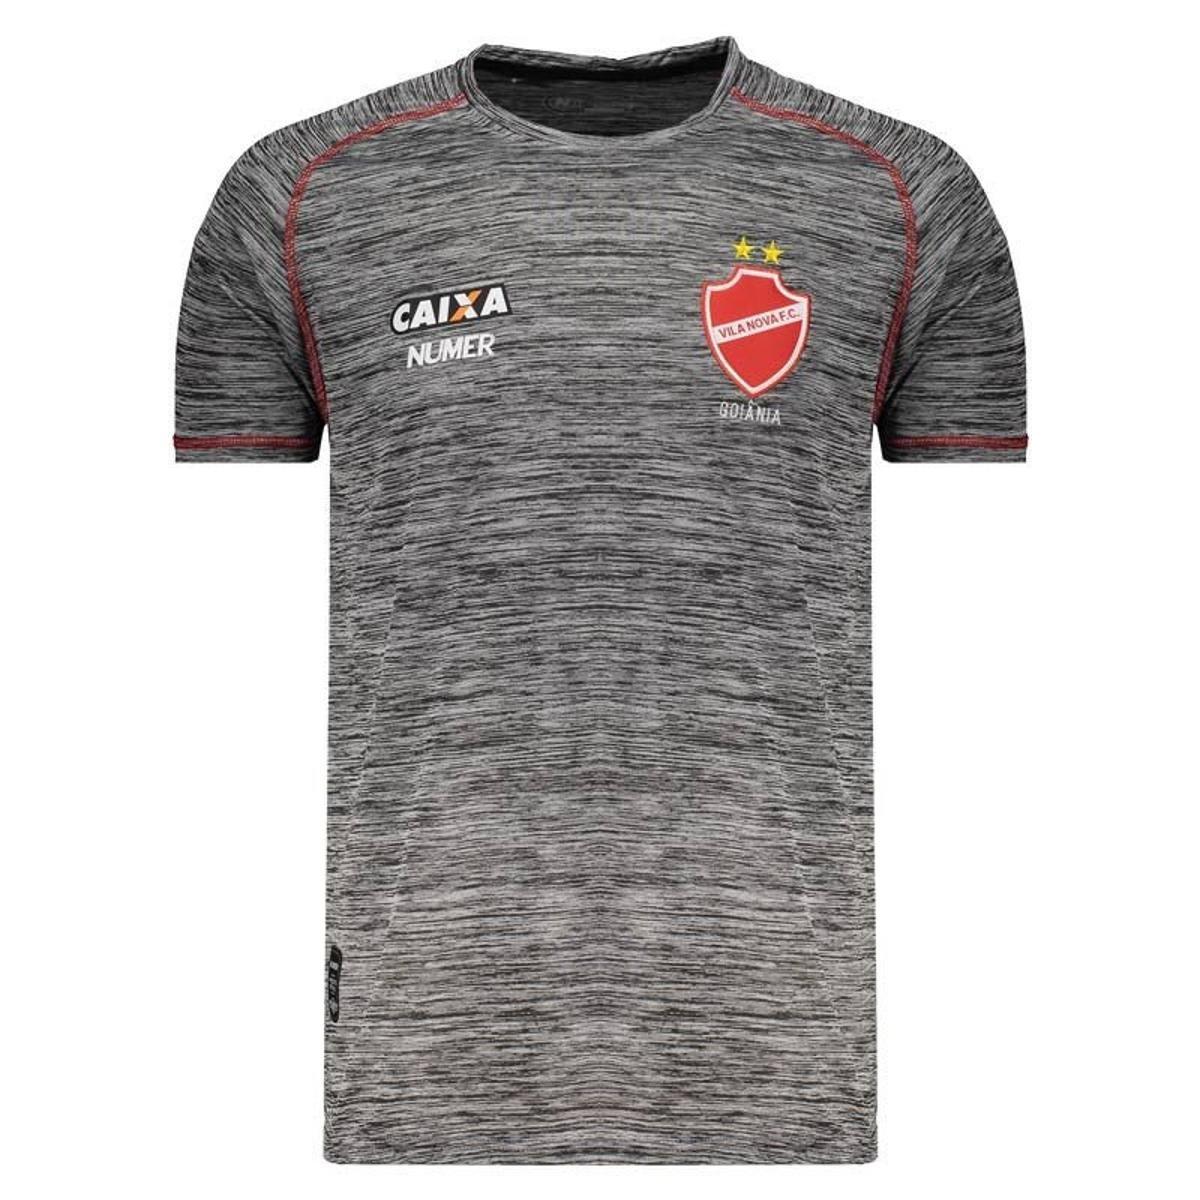 49d770242 Camisa Numer Vila Nova Concentração 2018 Masculina - Compre Agora ...